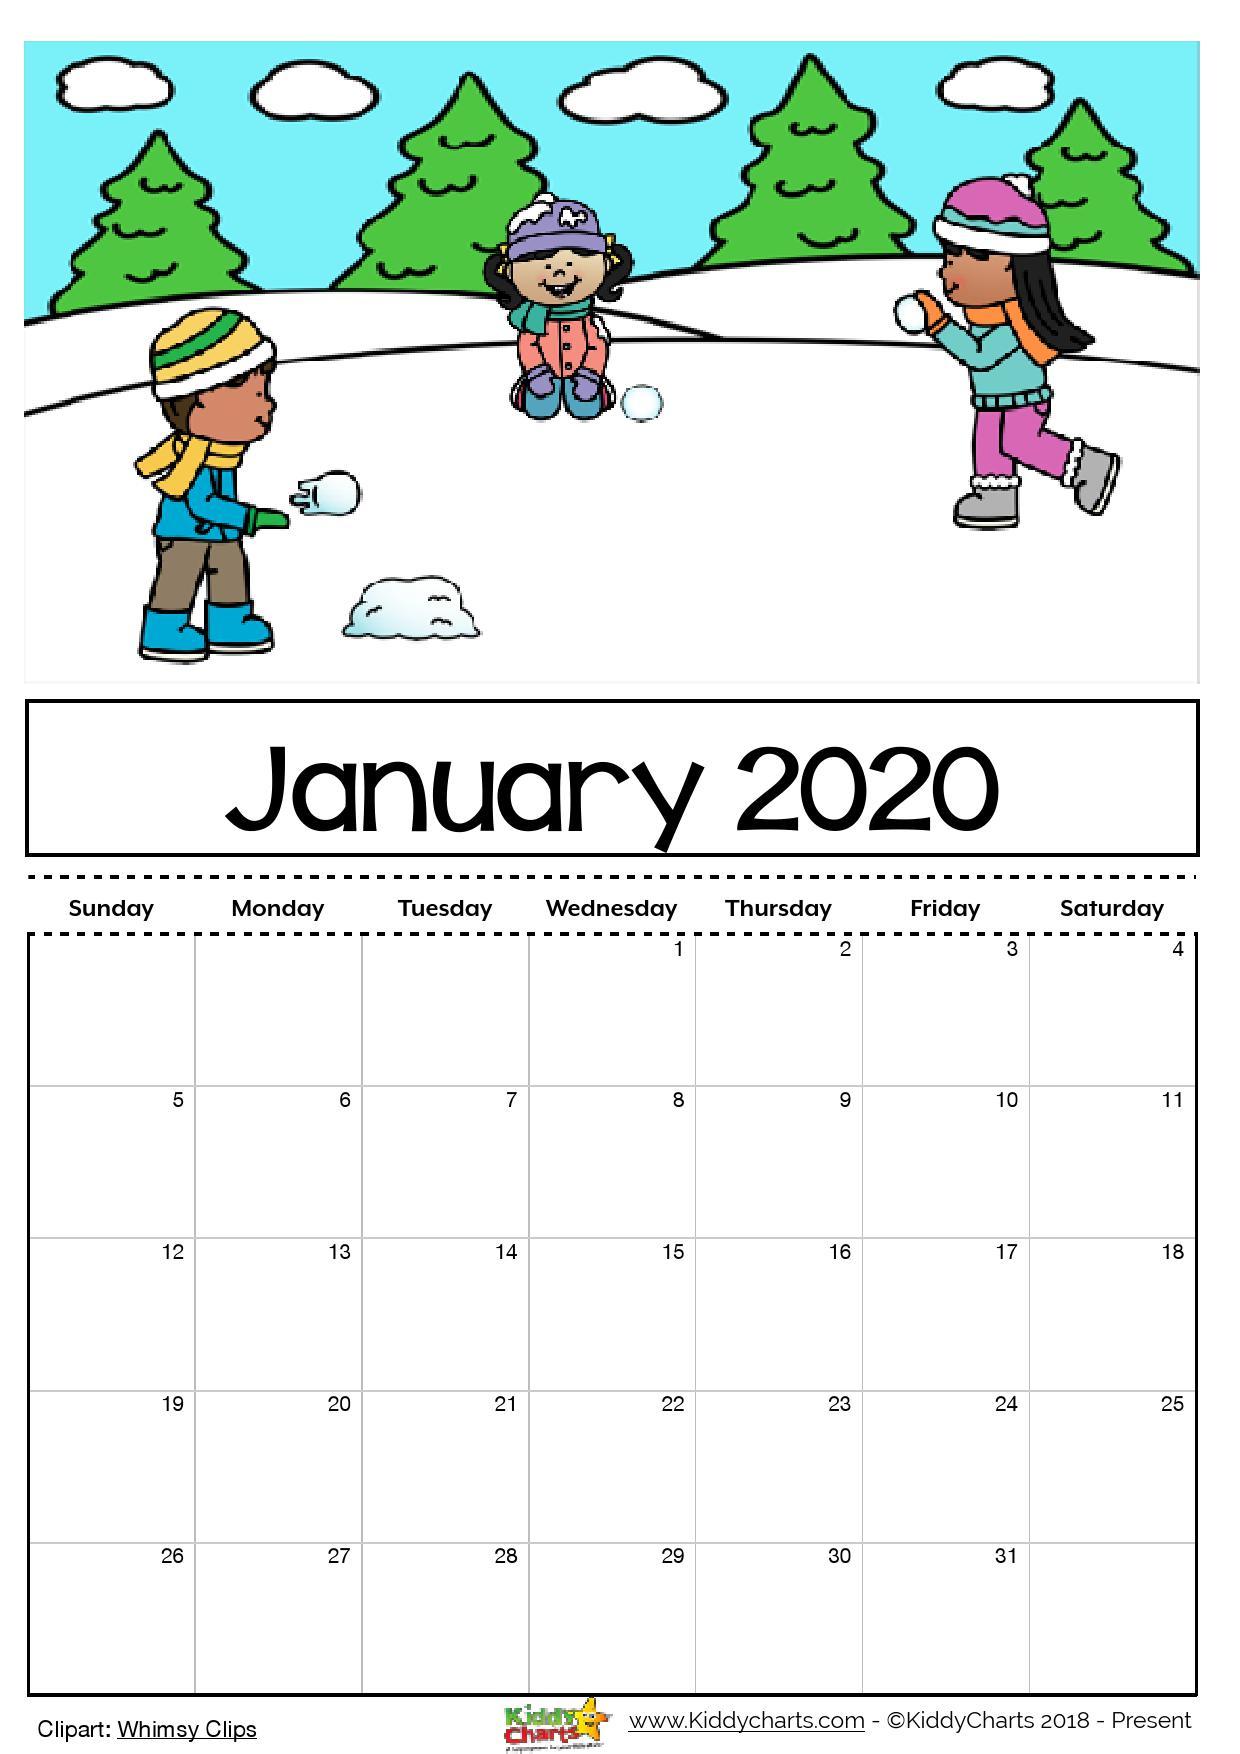 January 2020 Calendar For Kids - Togo.wpart.co